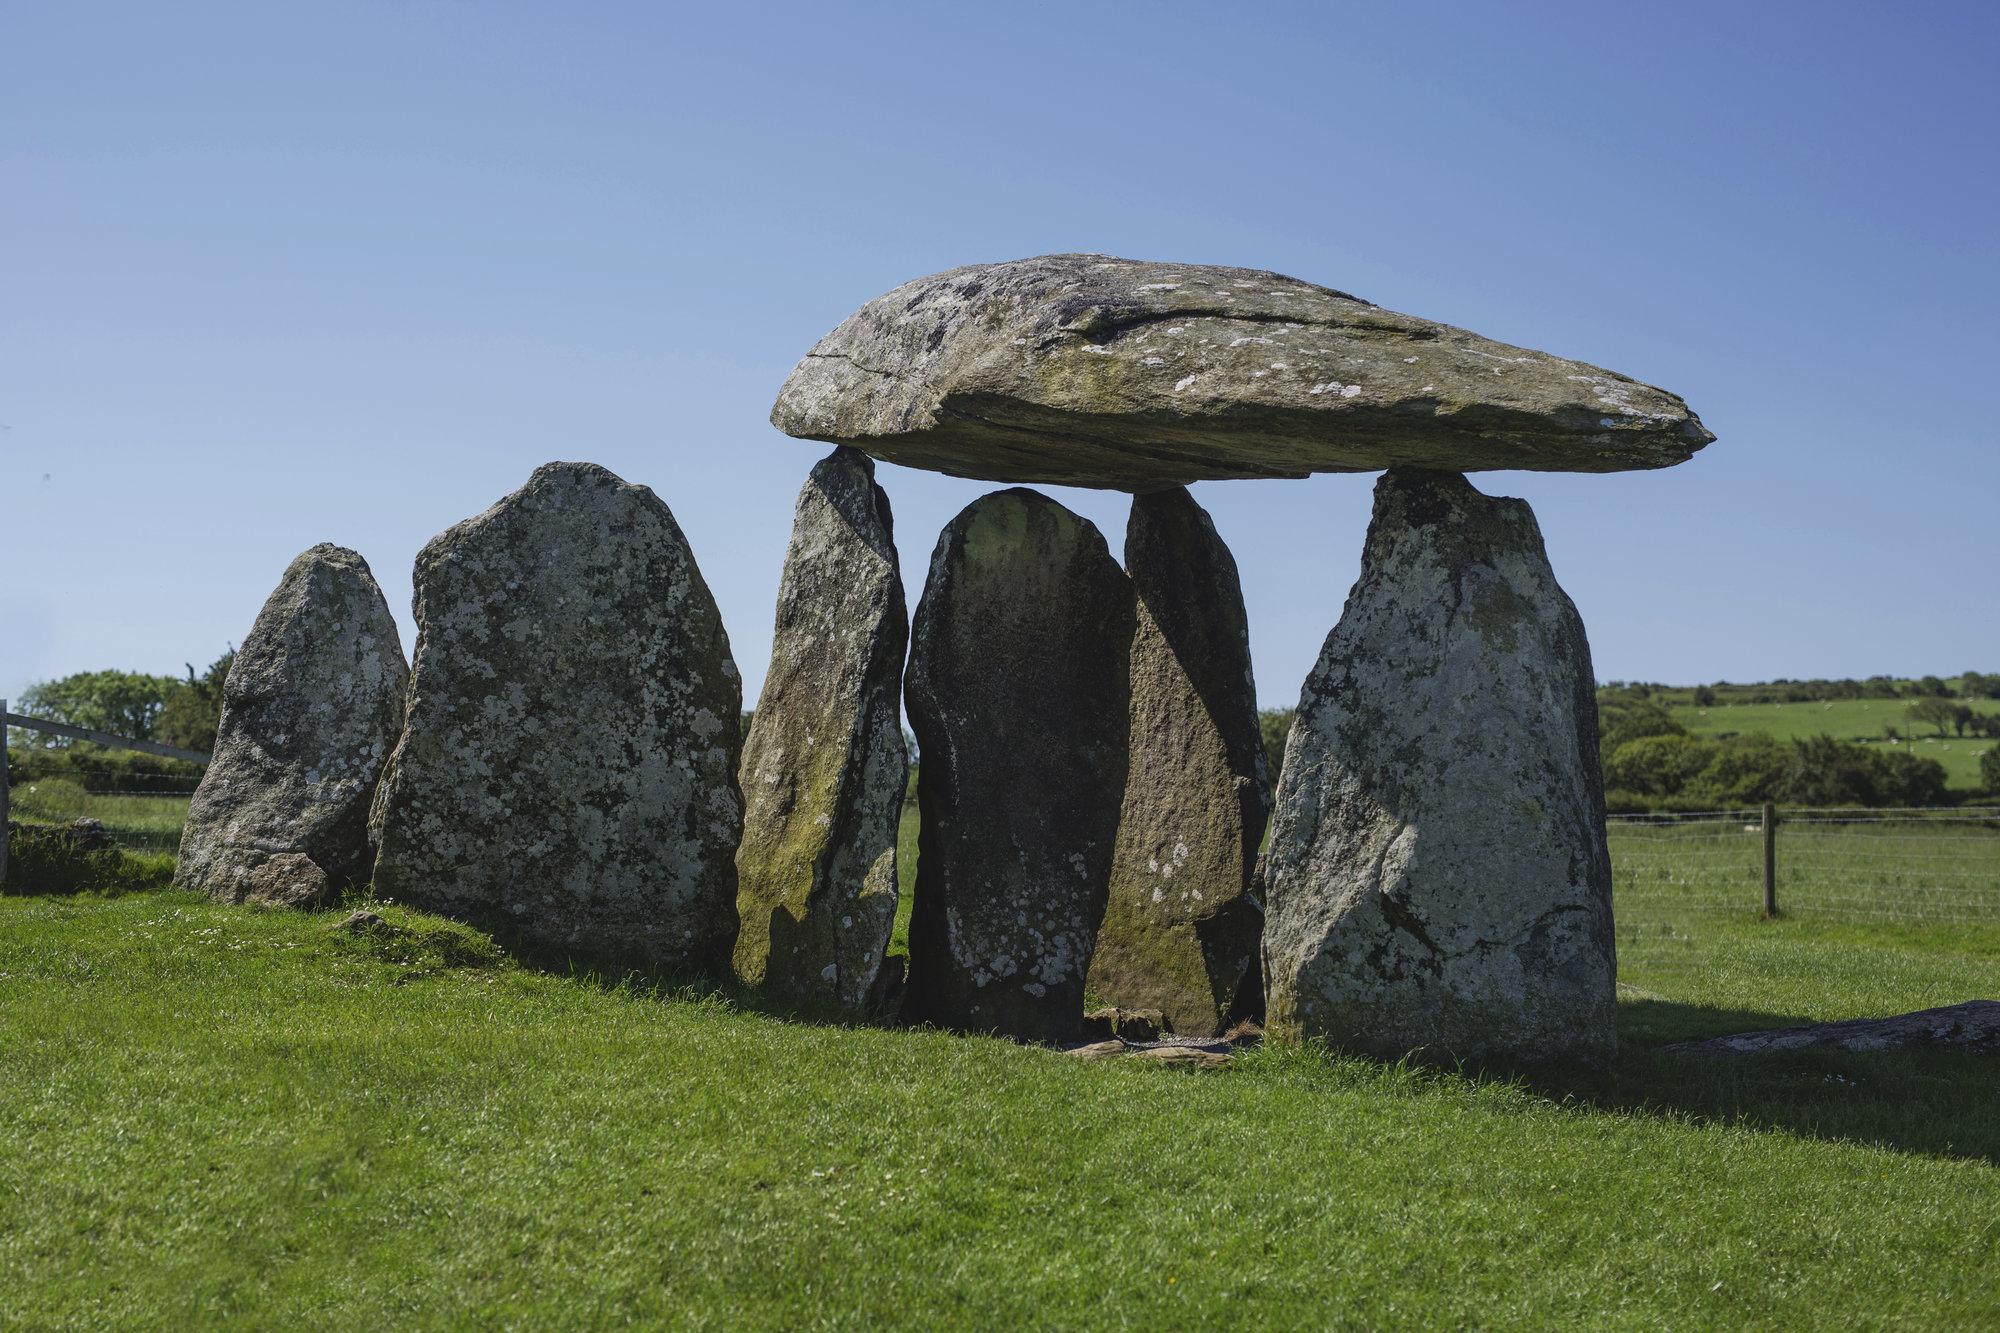 a dolmen